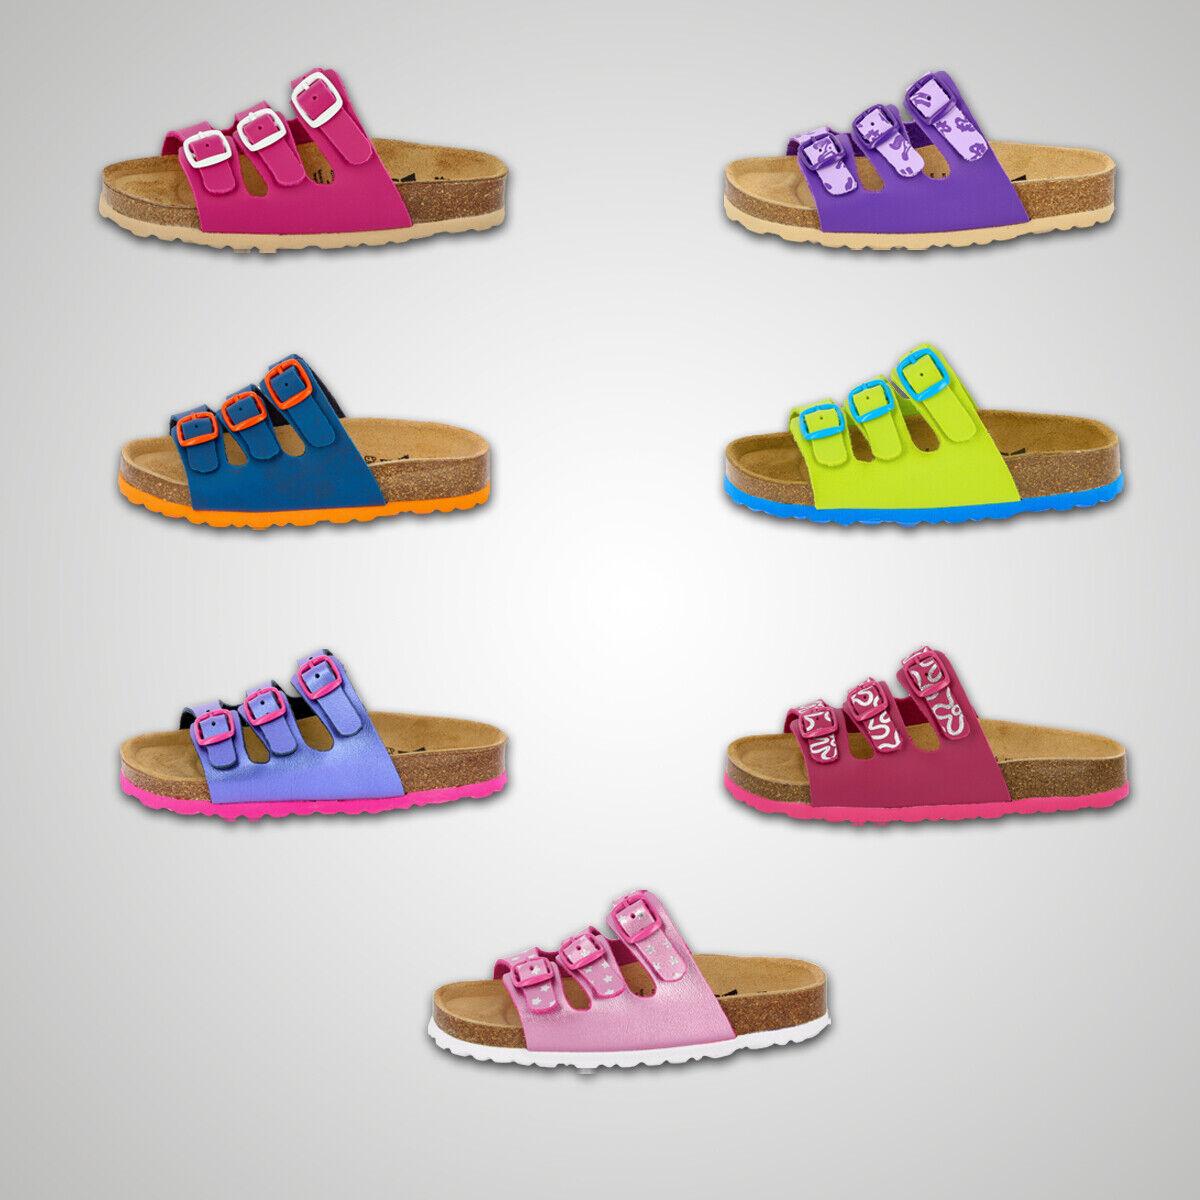 LICO BIOLINE Kinder Pantolette Sandale Hausschuhe Freizeitschuhe Schlappen